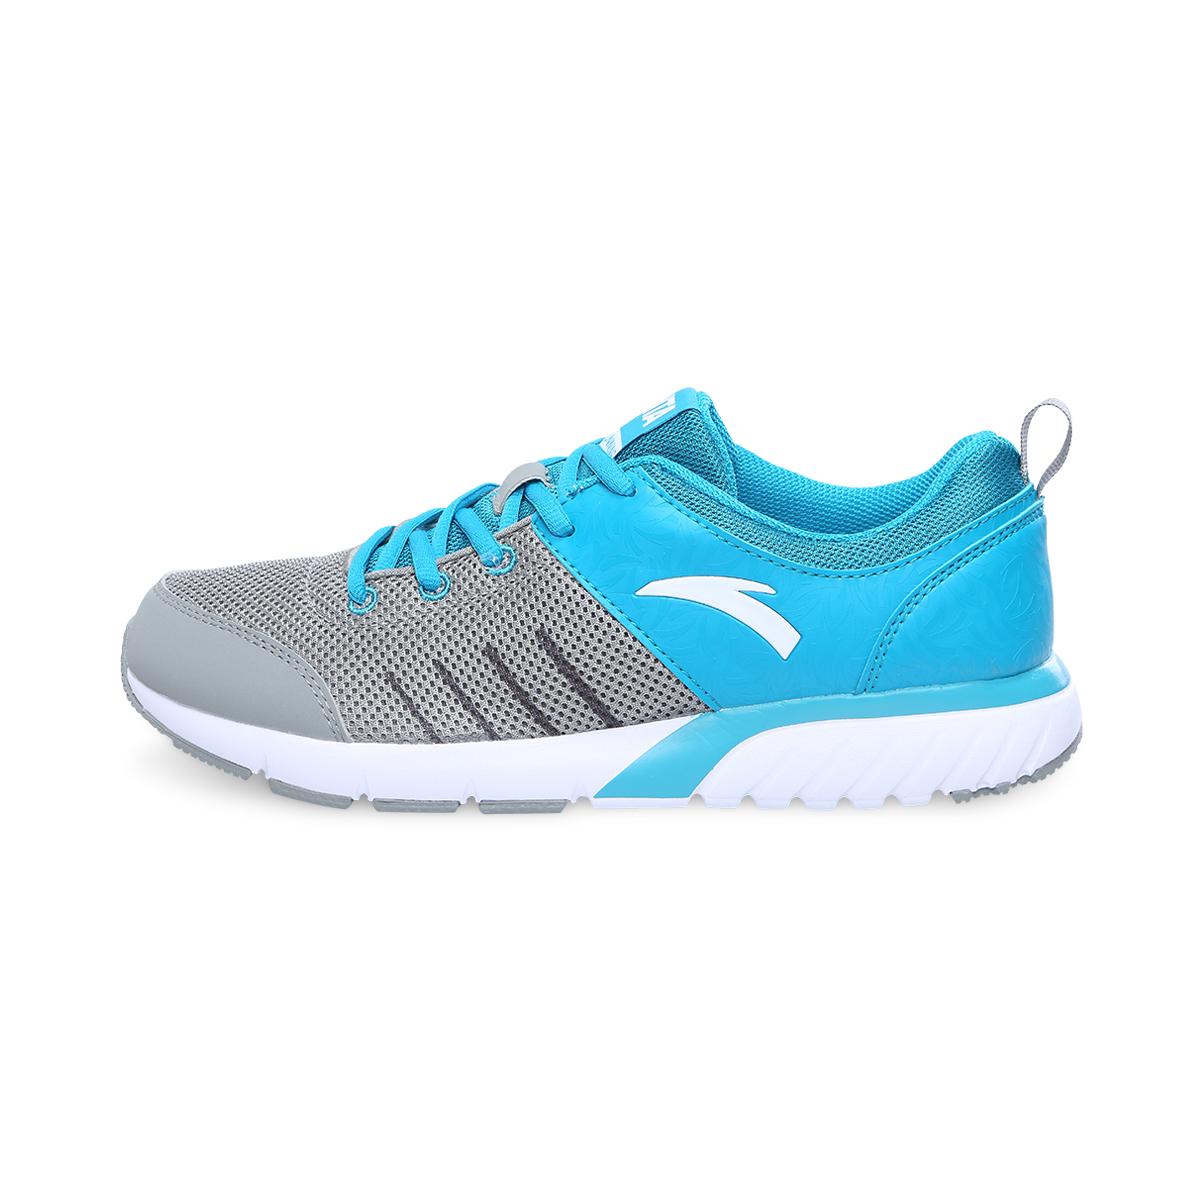 安踏跑步鞋 夏季透气网面男跑鞋 超轻运动鞋子 新款正品跑鞋包邮